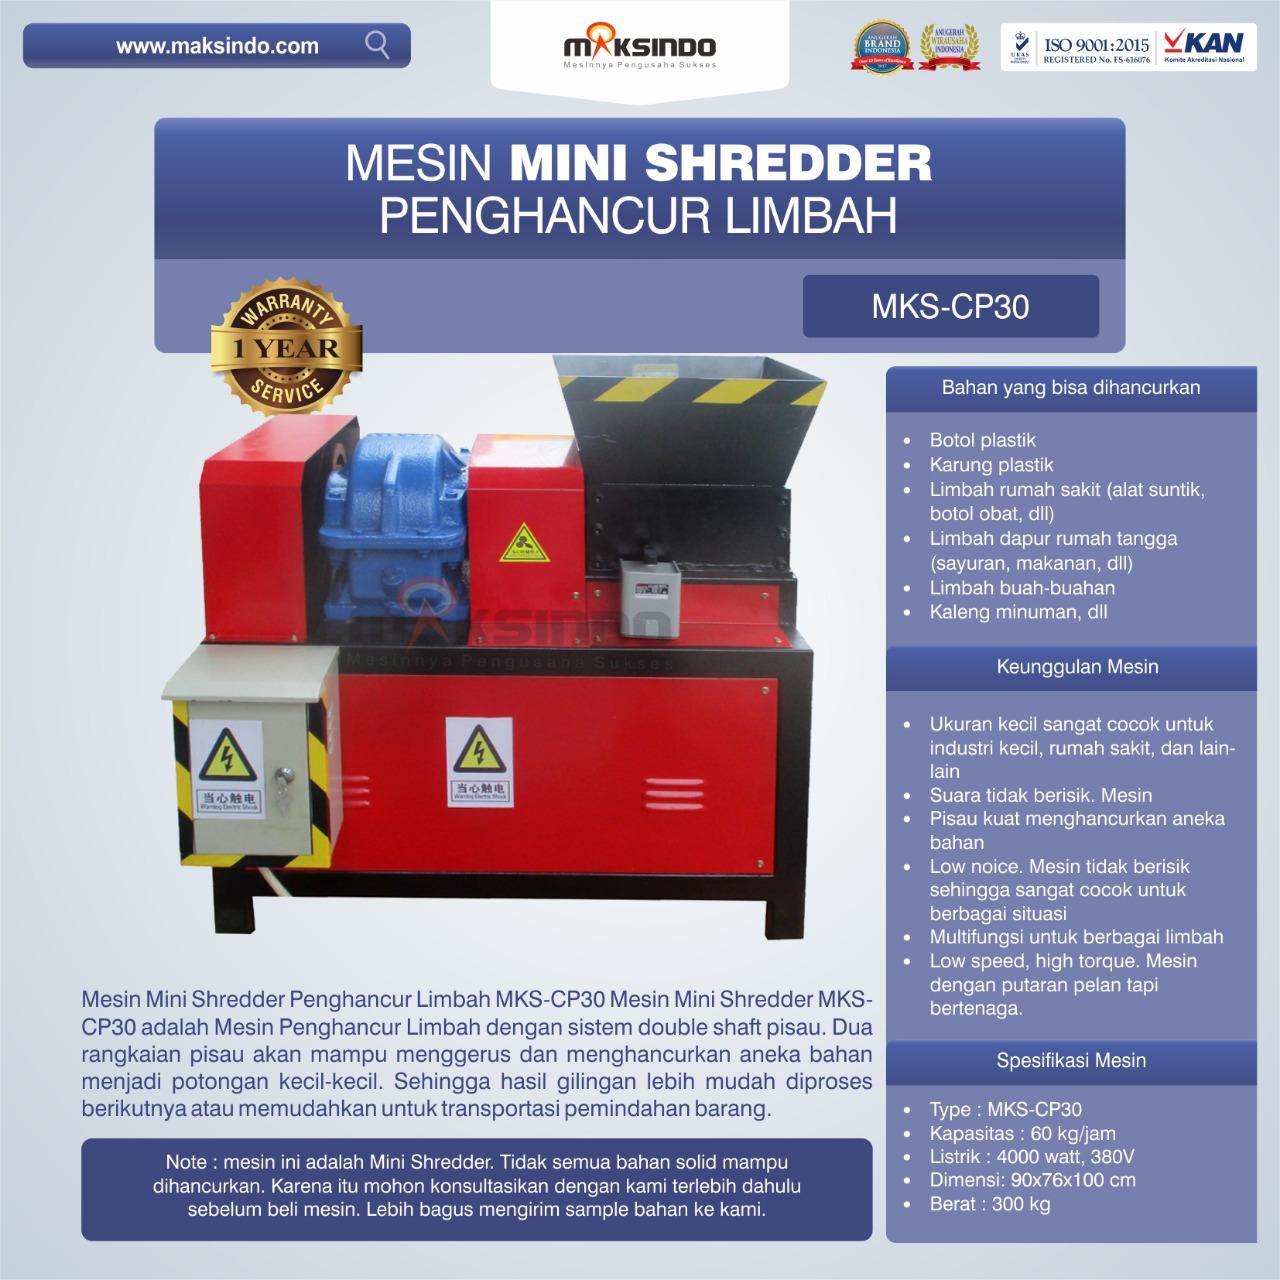 Jual Mesin Penghancur Plastik MKS-CP30 di Bogor